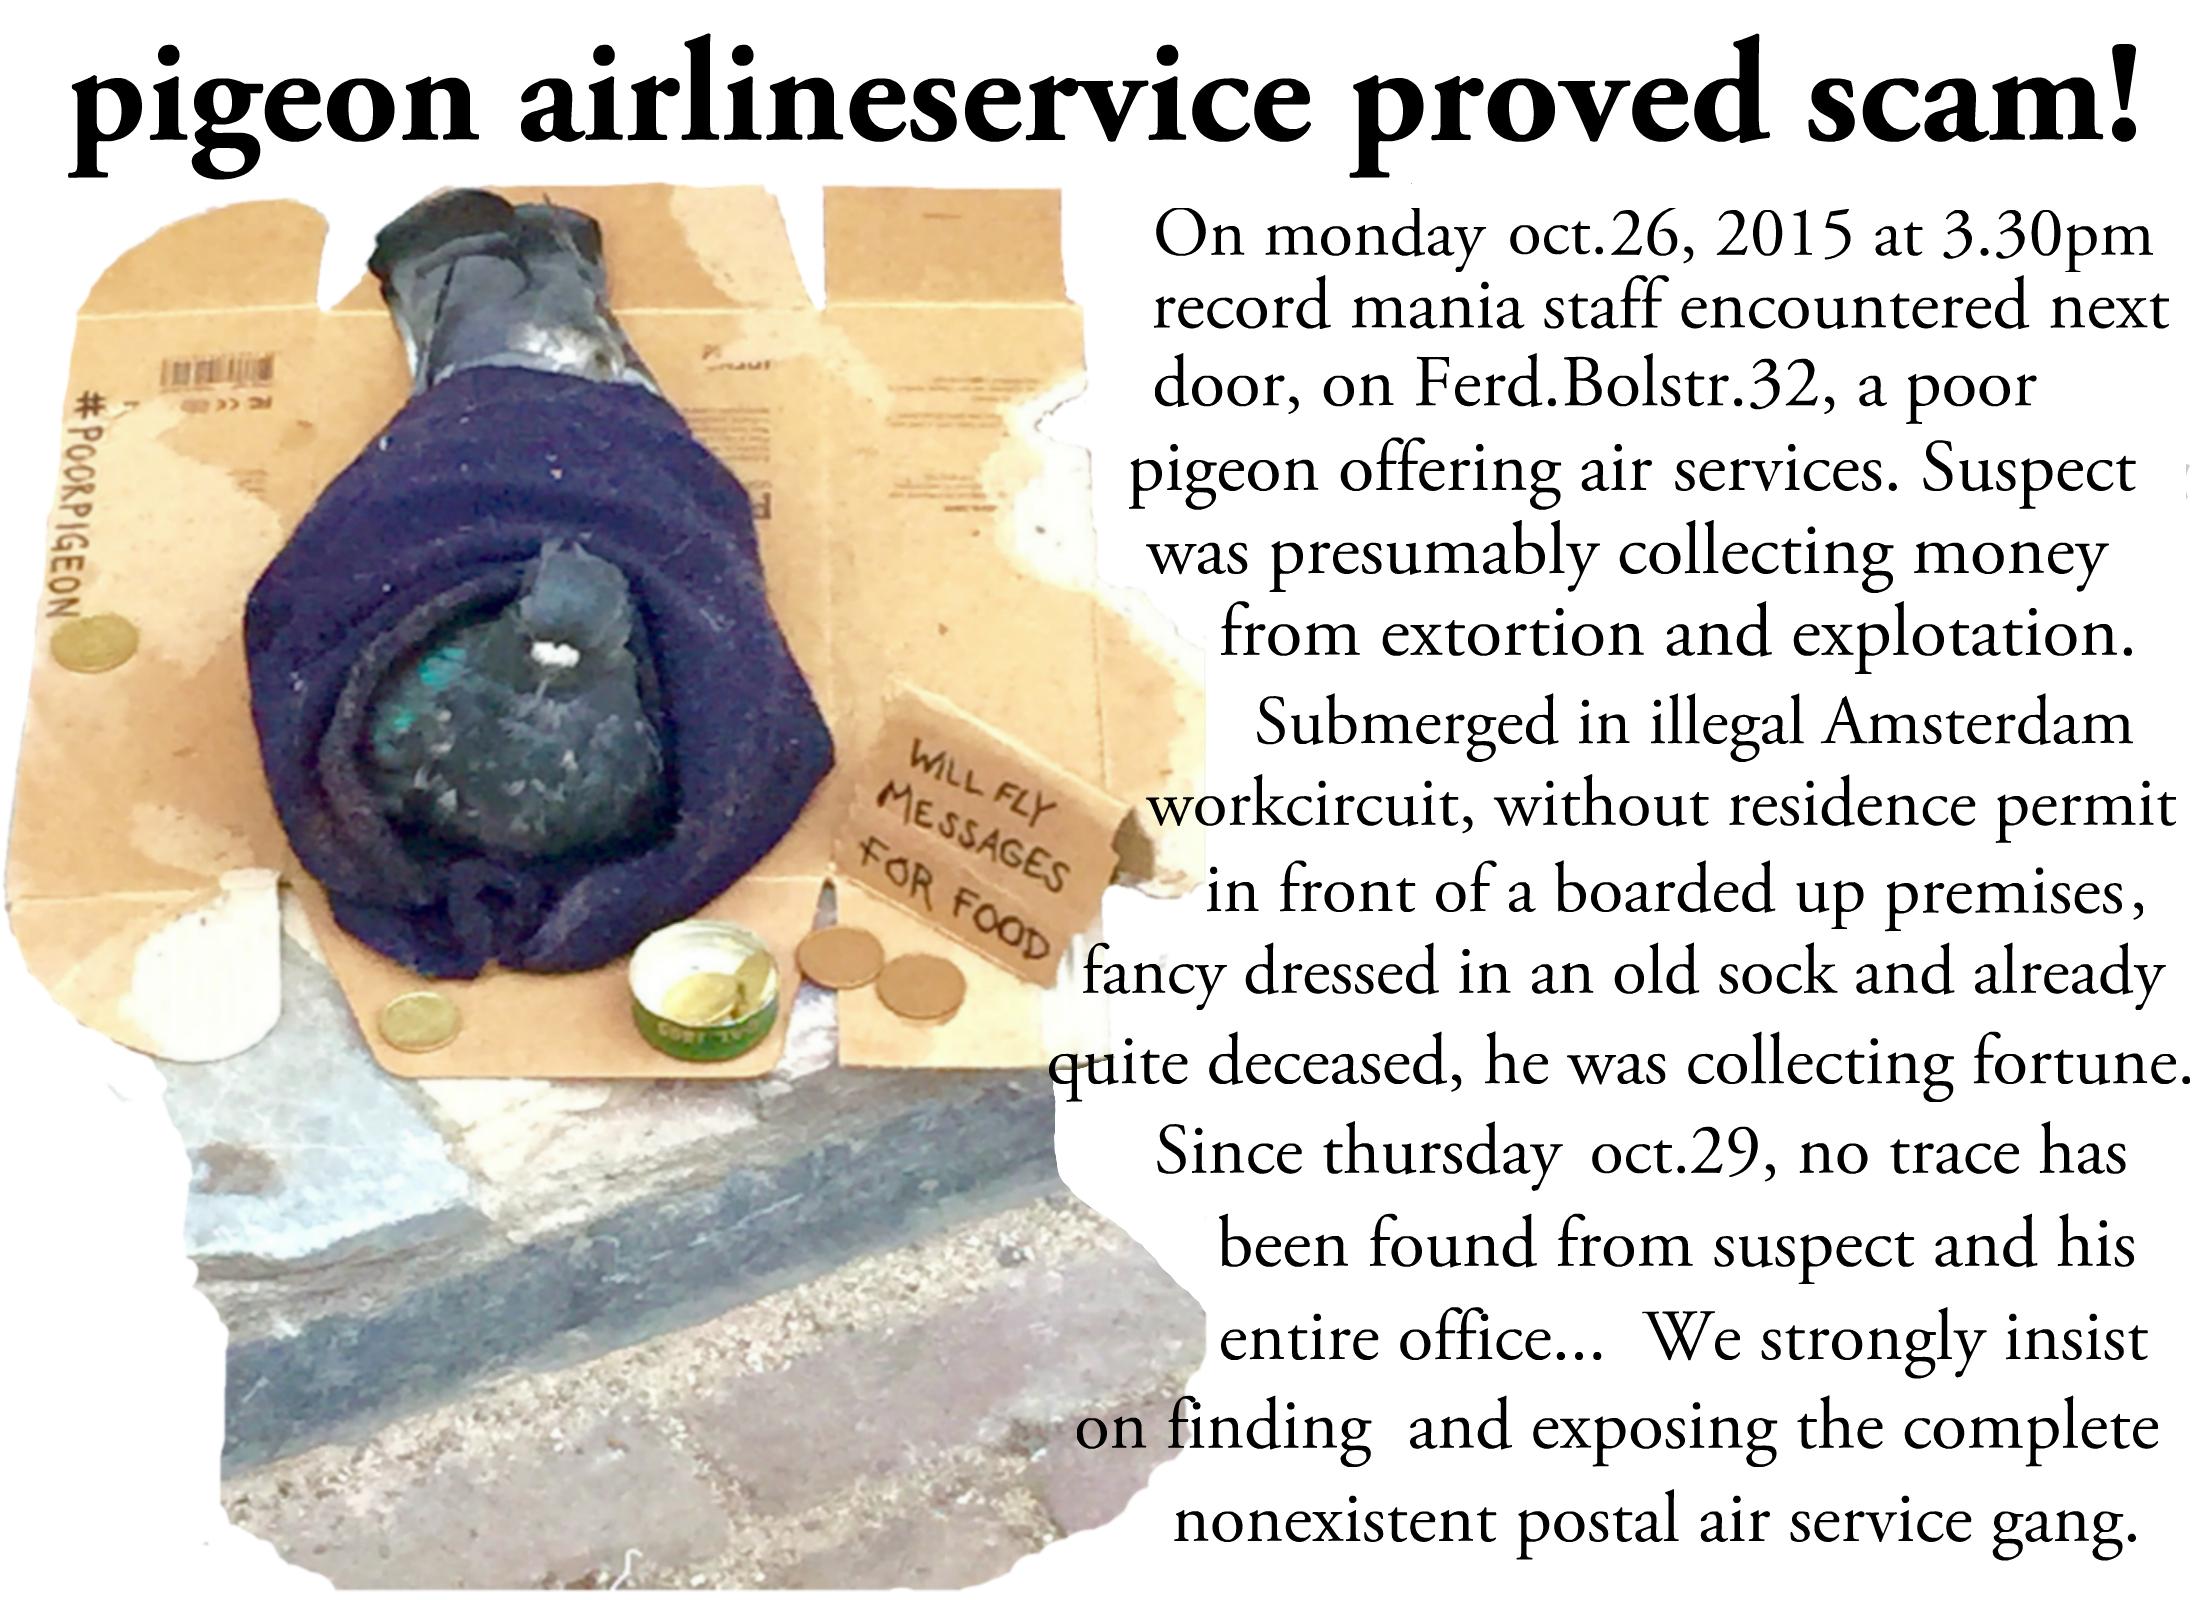 poor pigeon